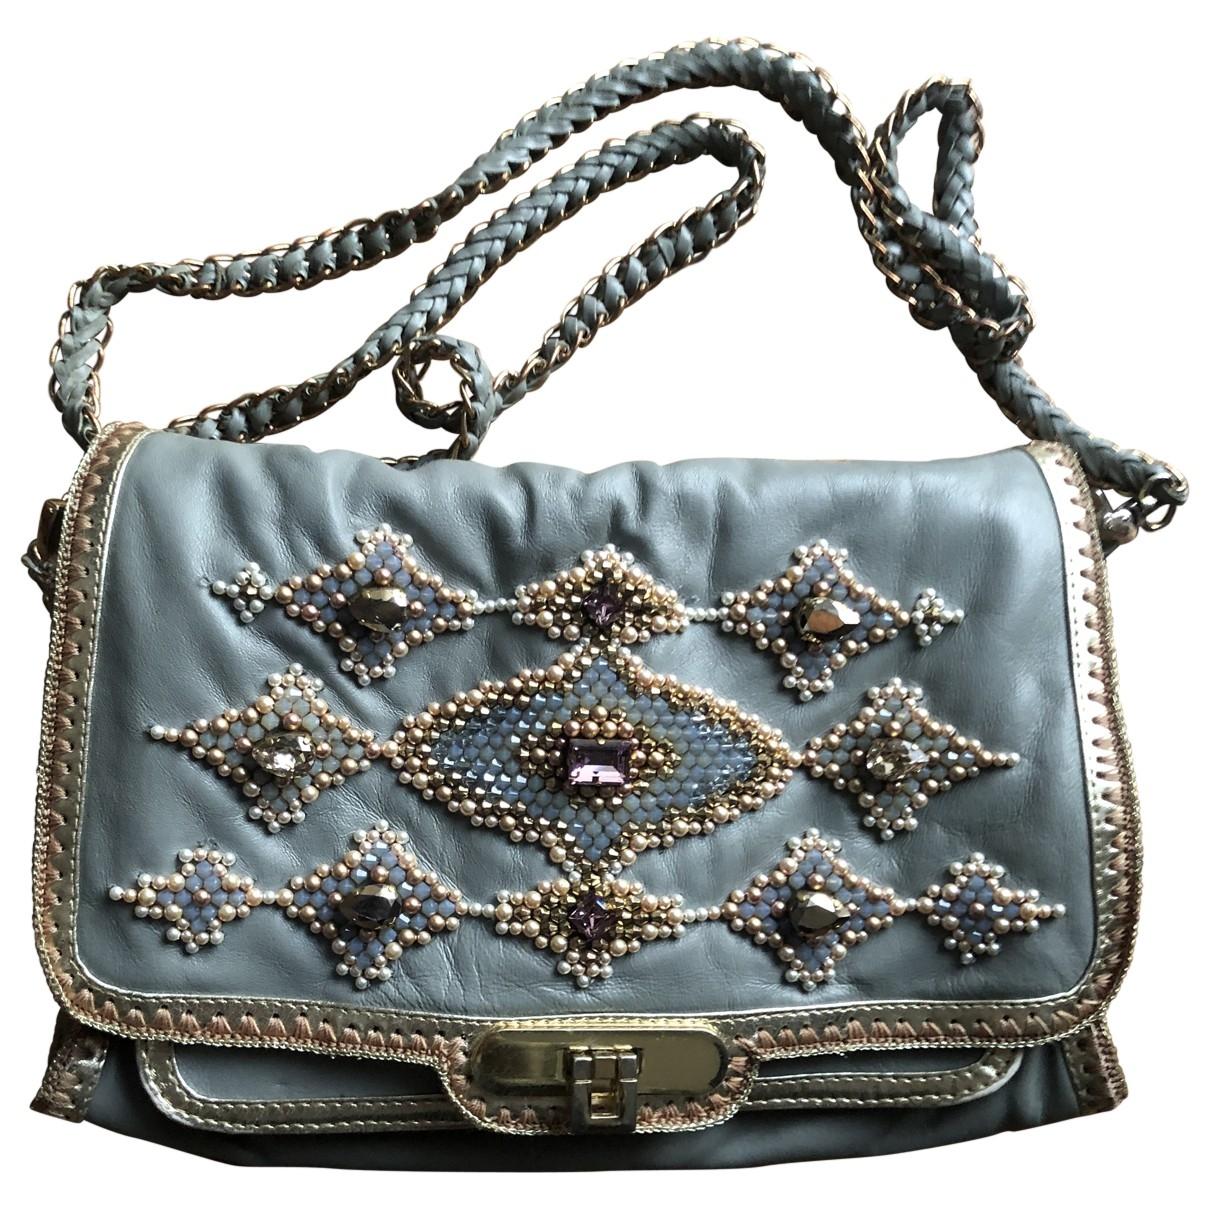 Buba \N Handtasche in Leder